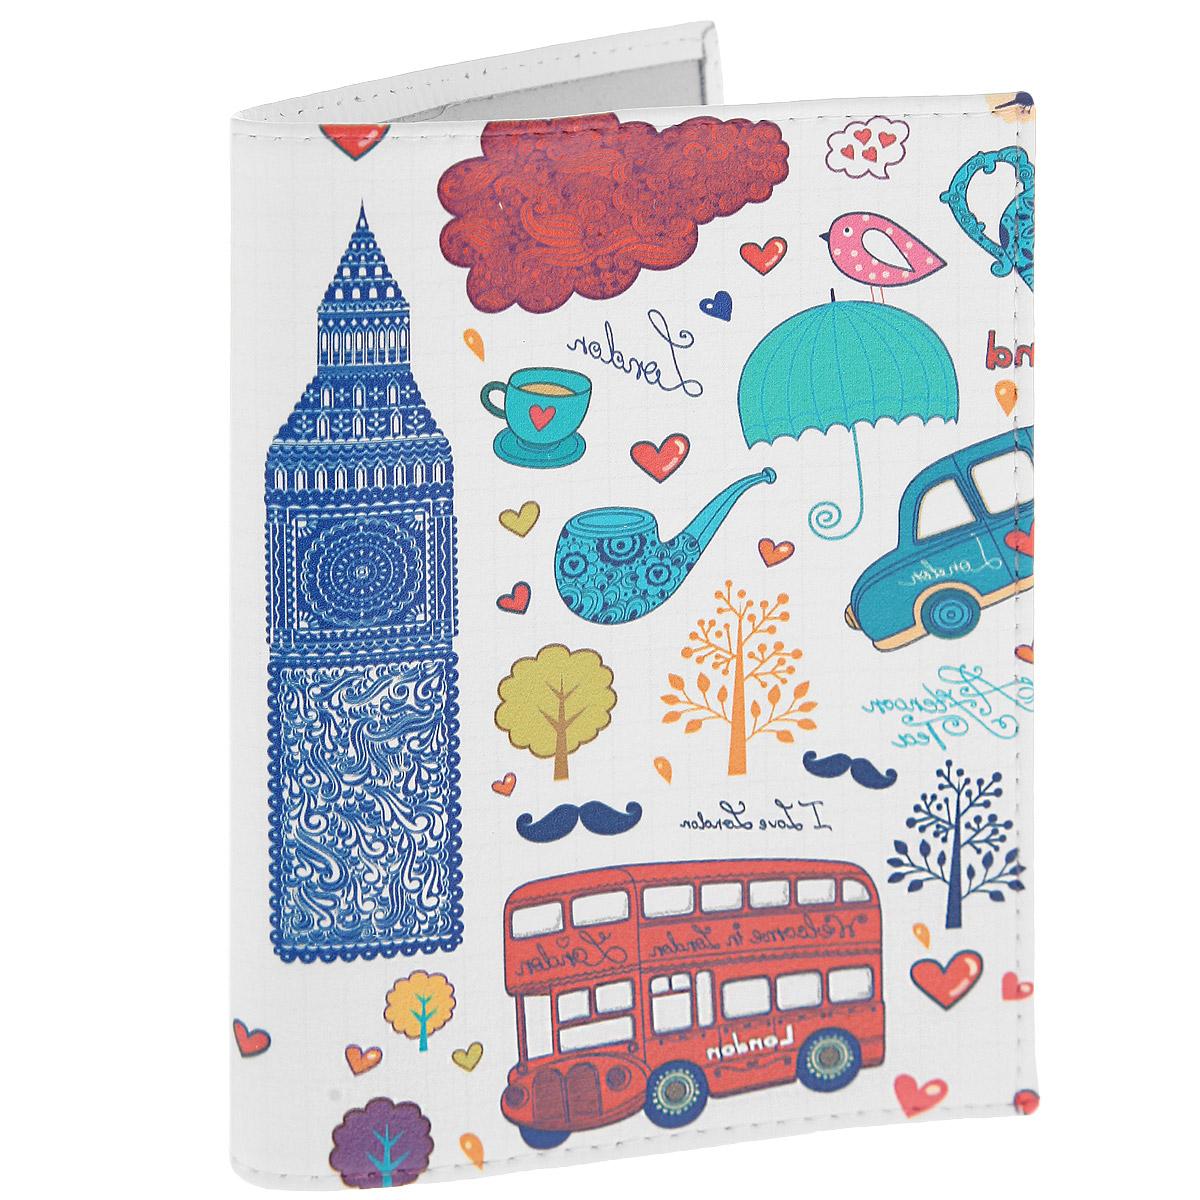 Обложка для паспорта Утренний Лондон. OK2250140 505.06/04Обложка для паспорта Mitya Veselkov Утренний Лондон выполнена из натуральной кожи и оформлена изображением Биг-Бена и другими яркими рисунками. Такая обложка не только поможет сохранить внешний вид ваших документов и защитит их от повреждений, но и станет стильным аксессуаром, идеально подходящим вашему образу.Яркая и оригинальная обложка подчеркнет вашу индивидуальность и изысканный вкус. Обложка для паспорта стильного дизайна может быть достойным и оригинальным подарком.